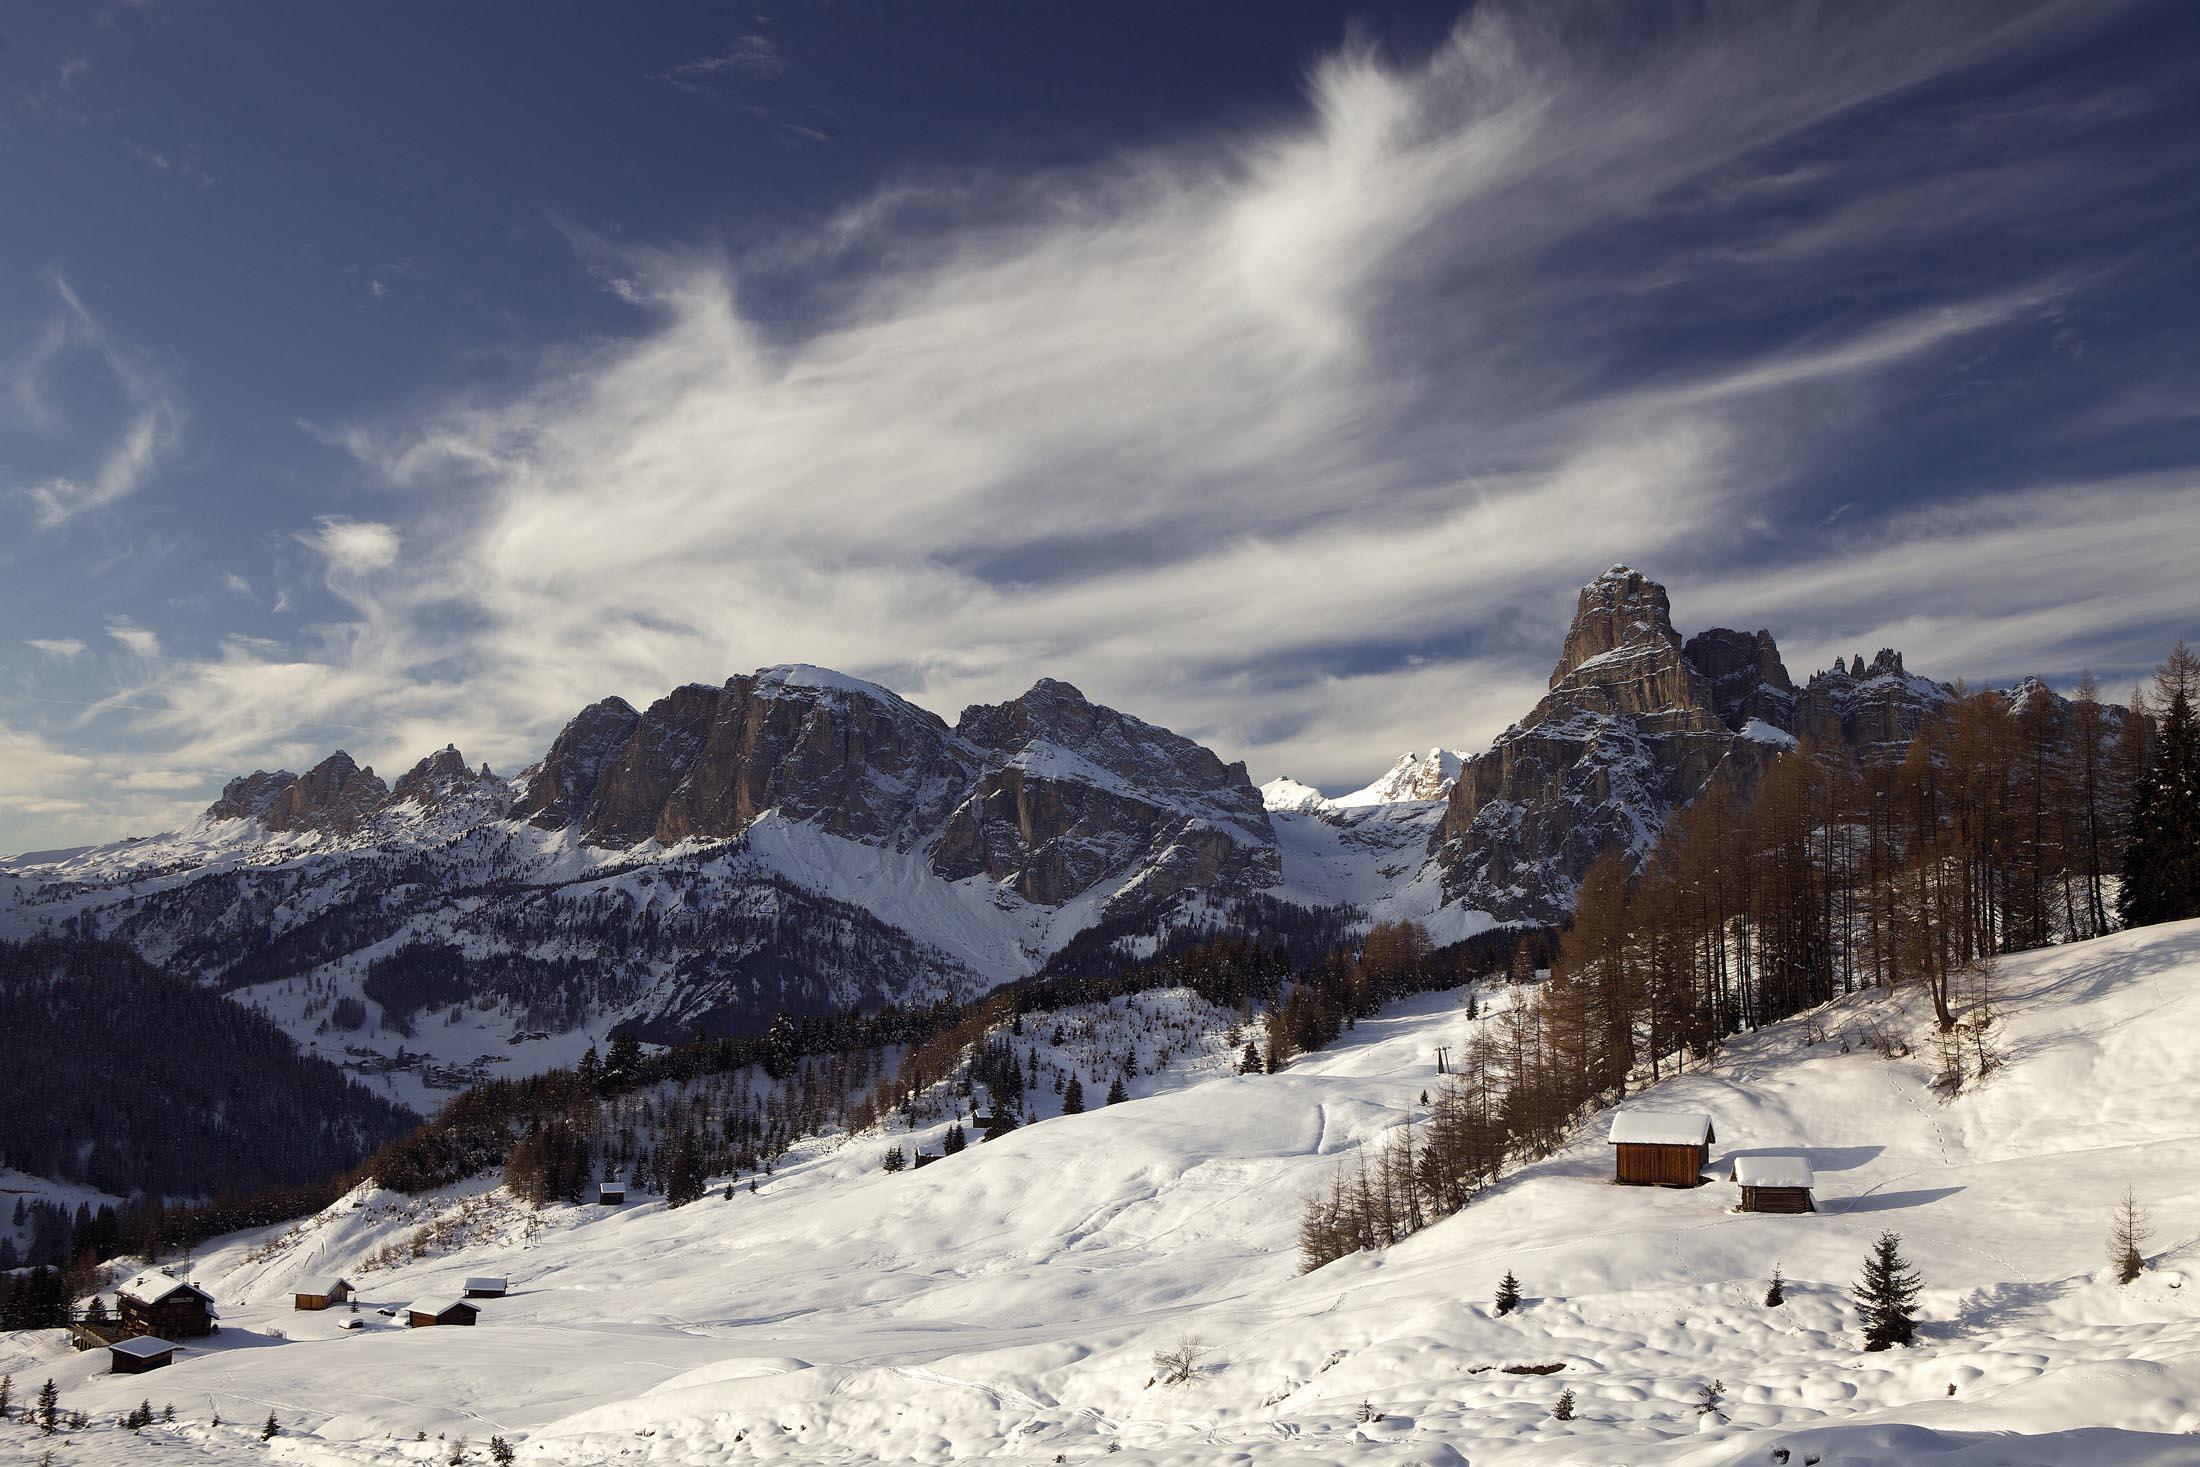 Dolomites, Corvara, Italy